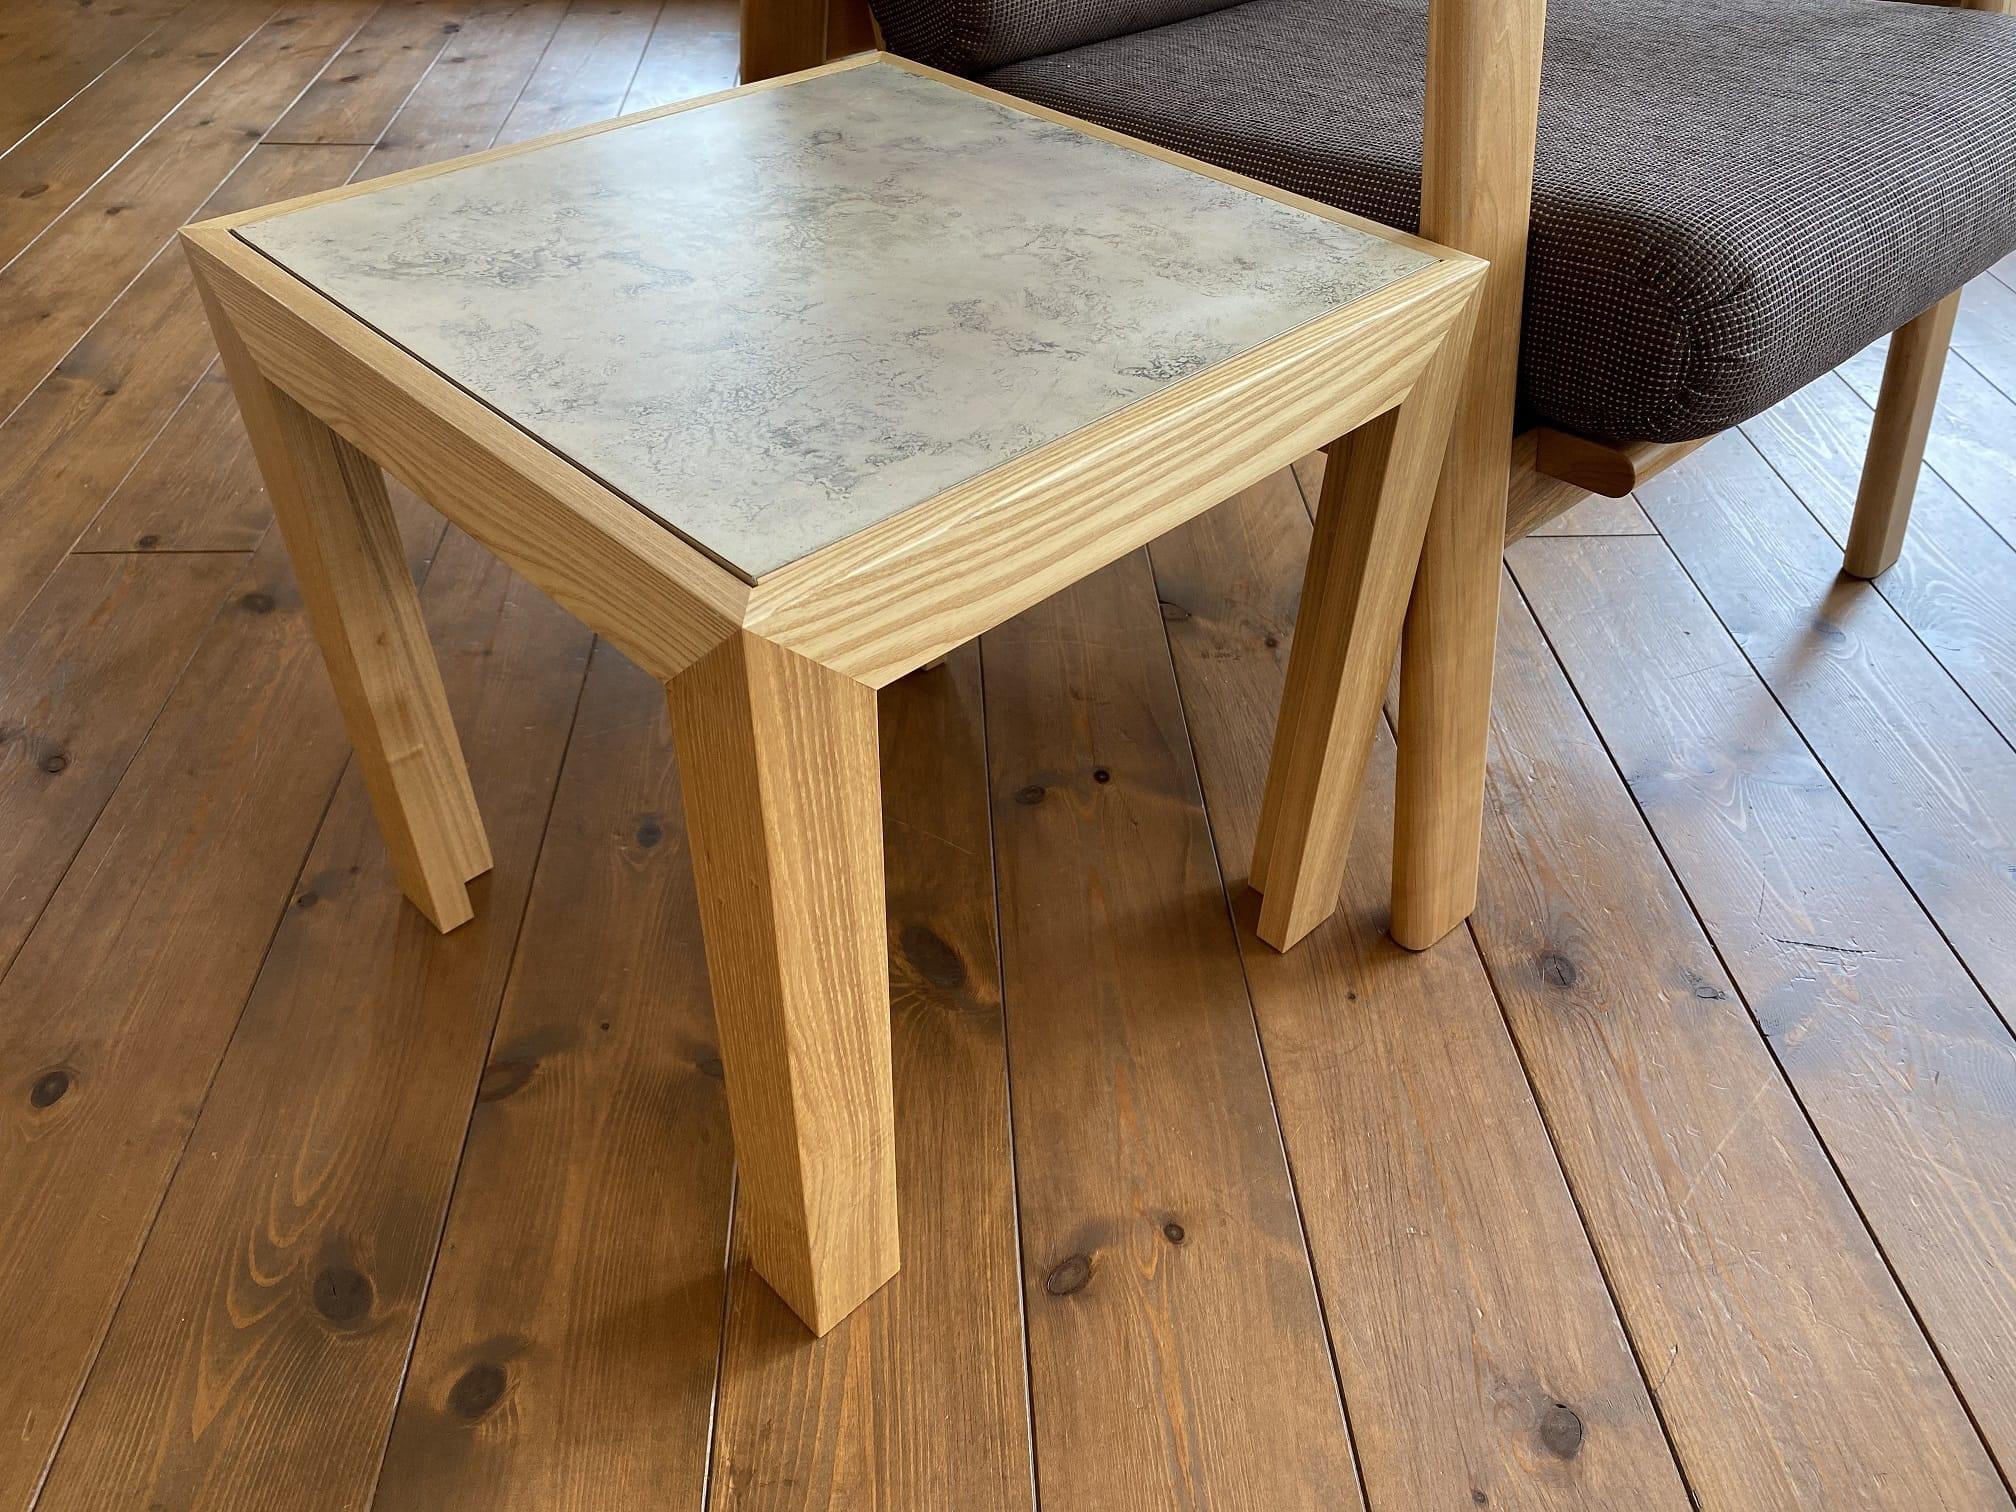 木と真鍮の組み合わせのテーブル モメンタムファクトリーOrii